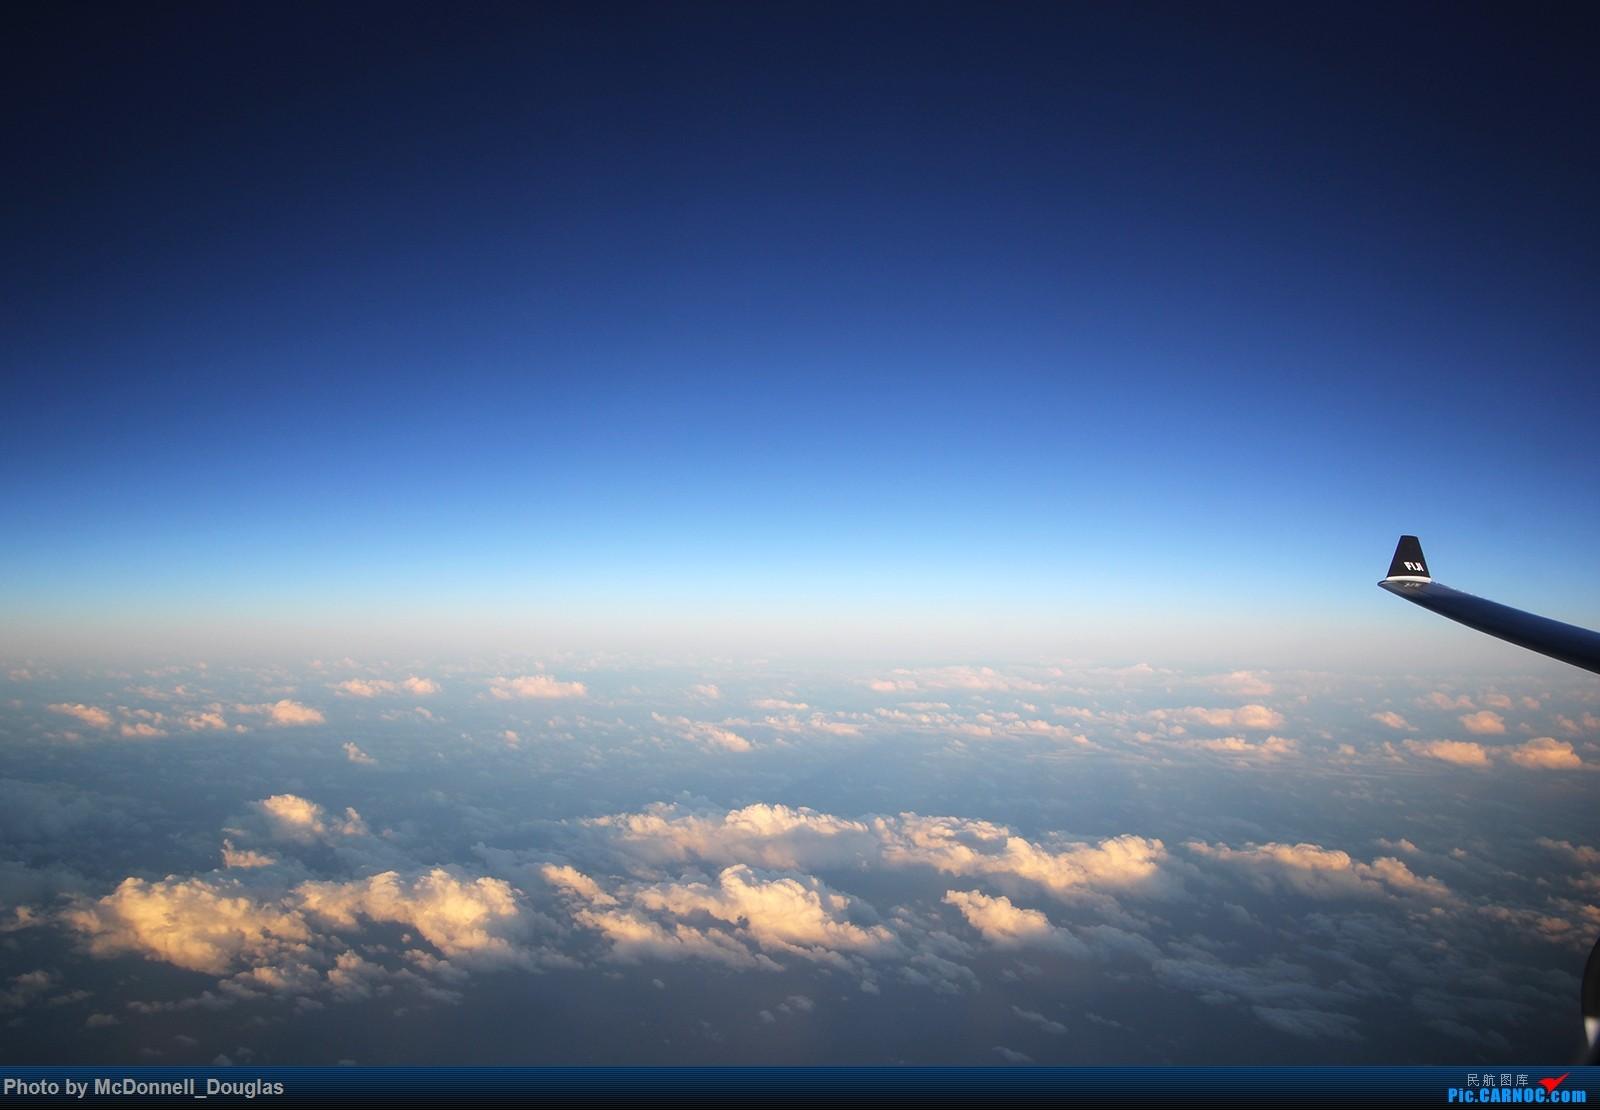 Re:[原创]【上海飞友会】【zc带你游天下(5)】起意只因一时冲动,飞过赤道去避暑,领略南太平洋别样的风光